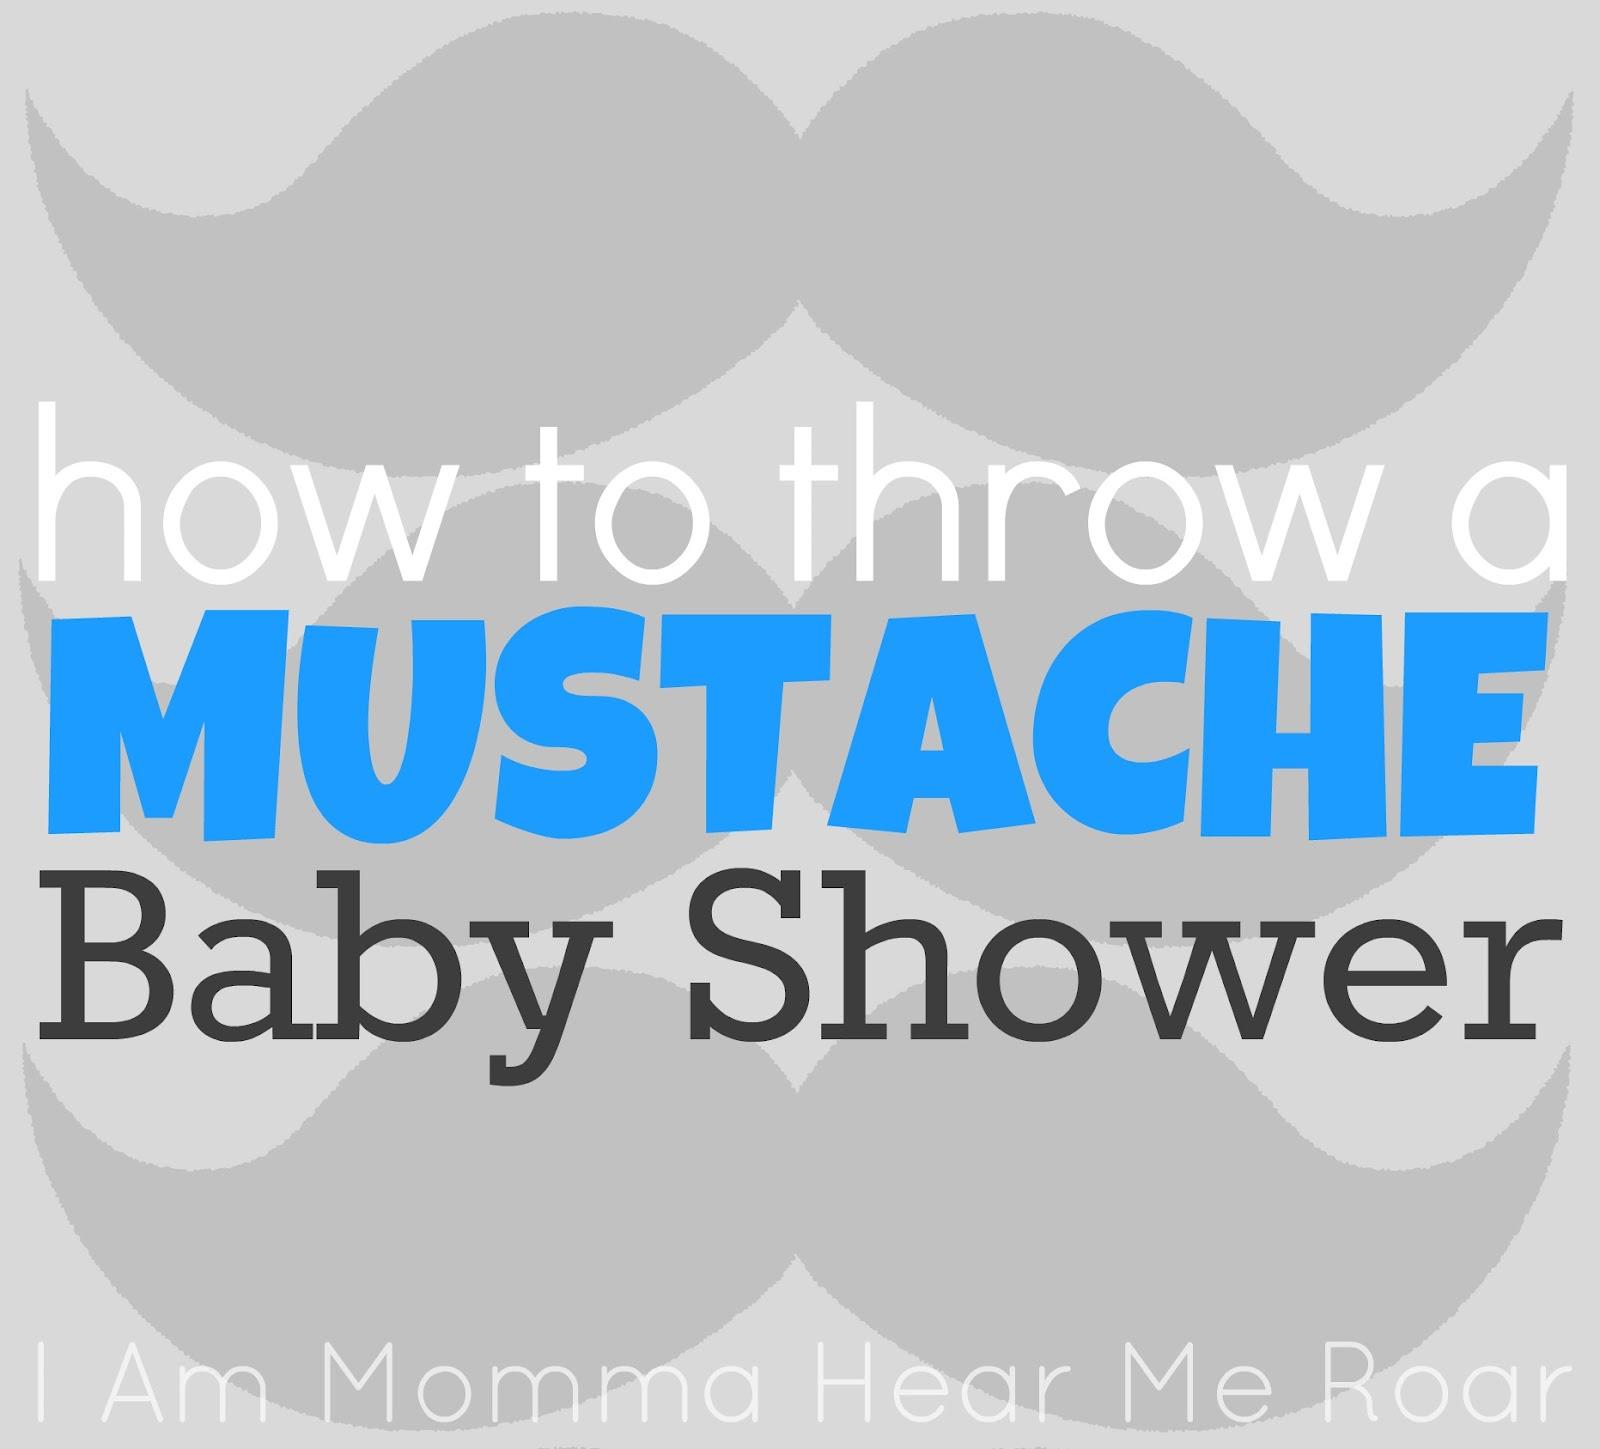 I Am Momma - Hear Me Roar: Mustache Baby Shower